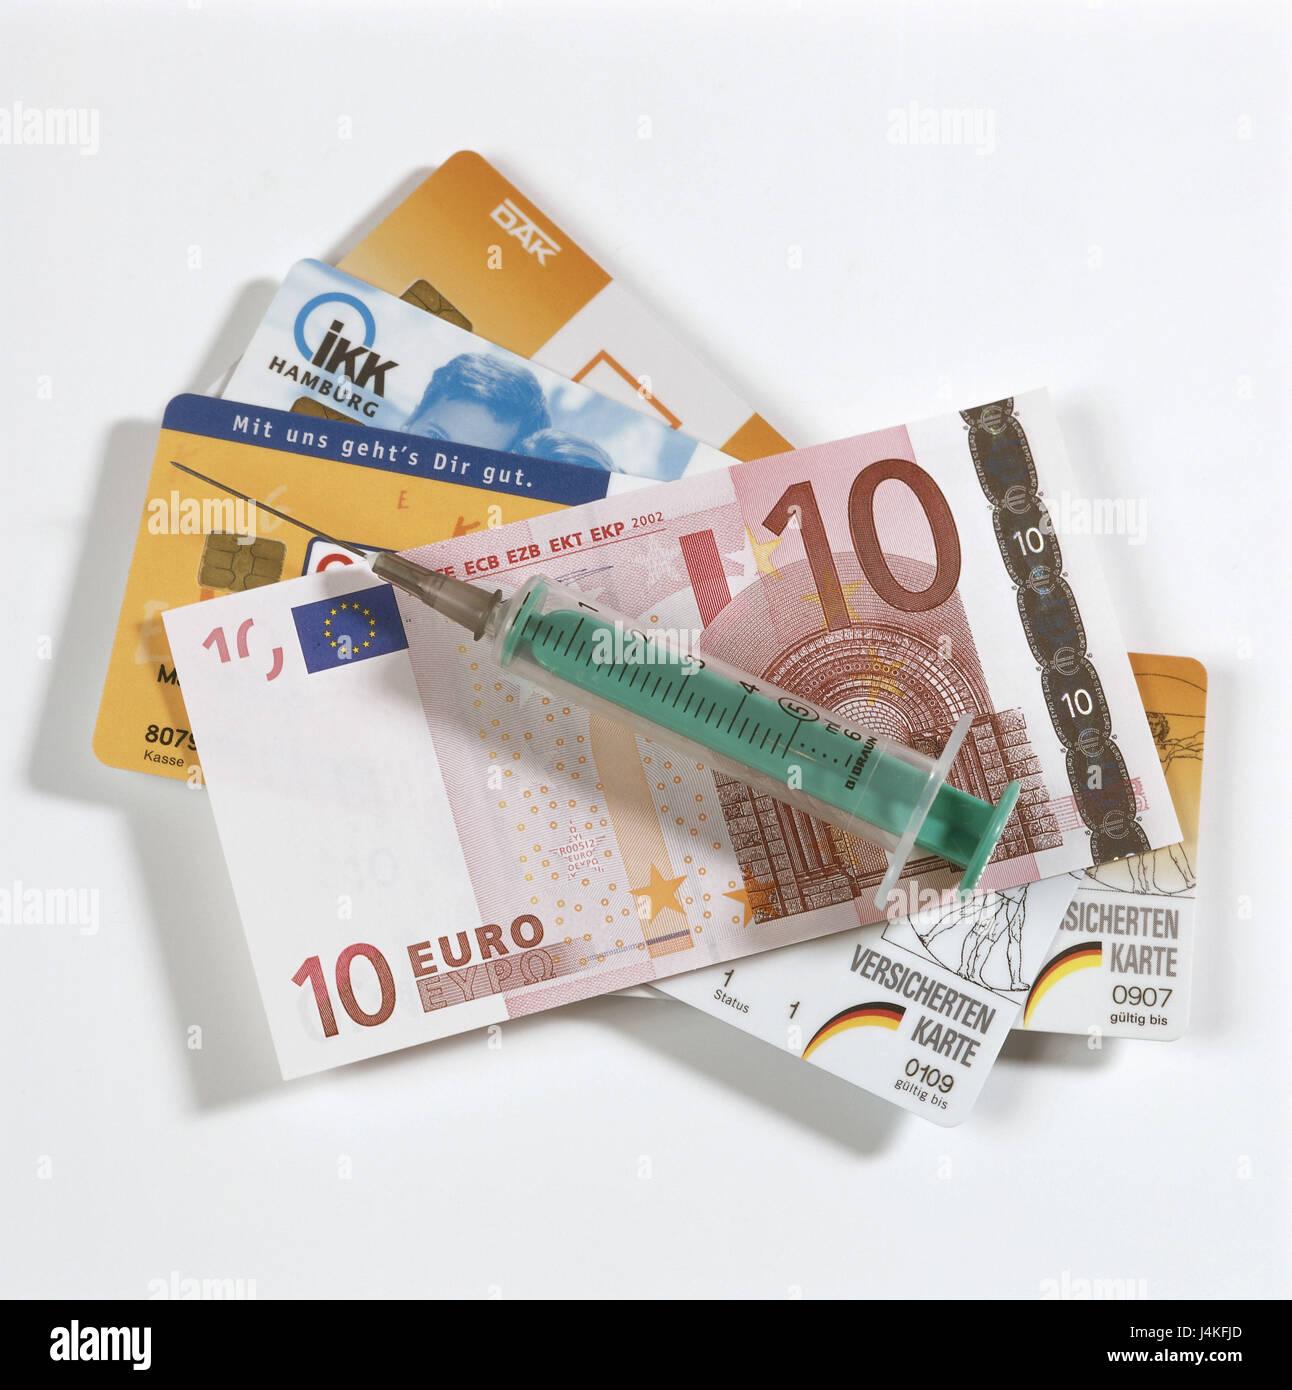 Gesundheitsreform Praxis Gebuhr 10 Euro Geldschein Spritze